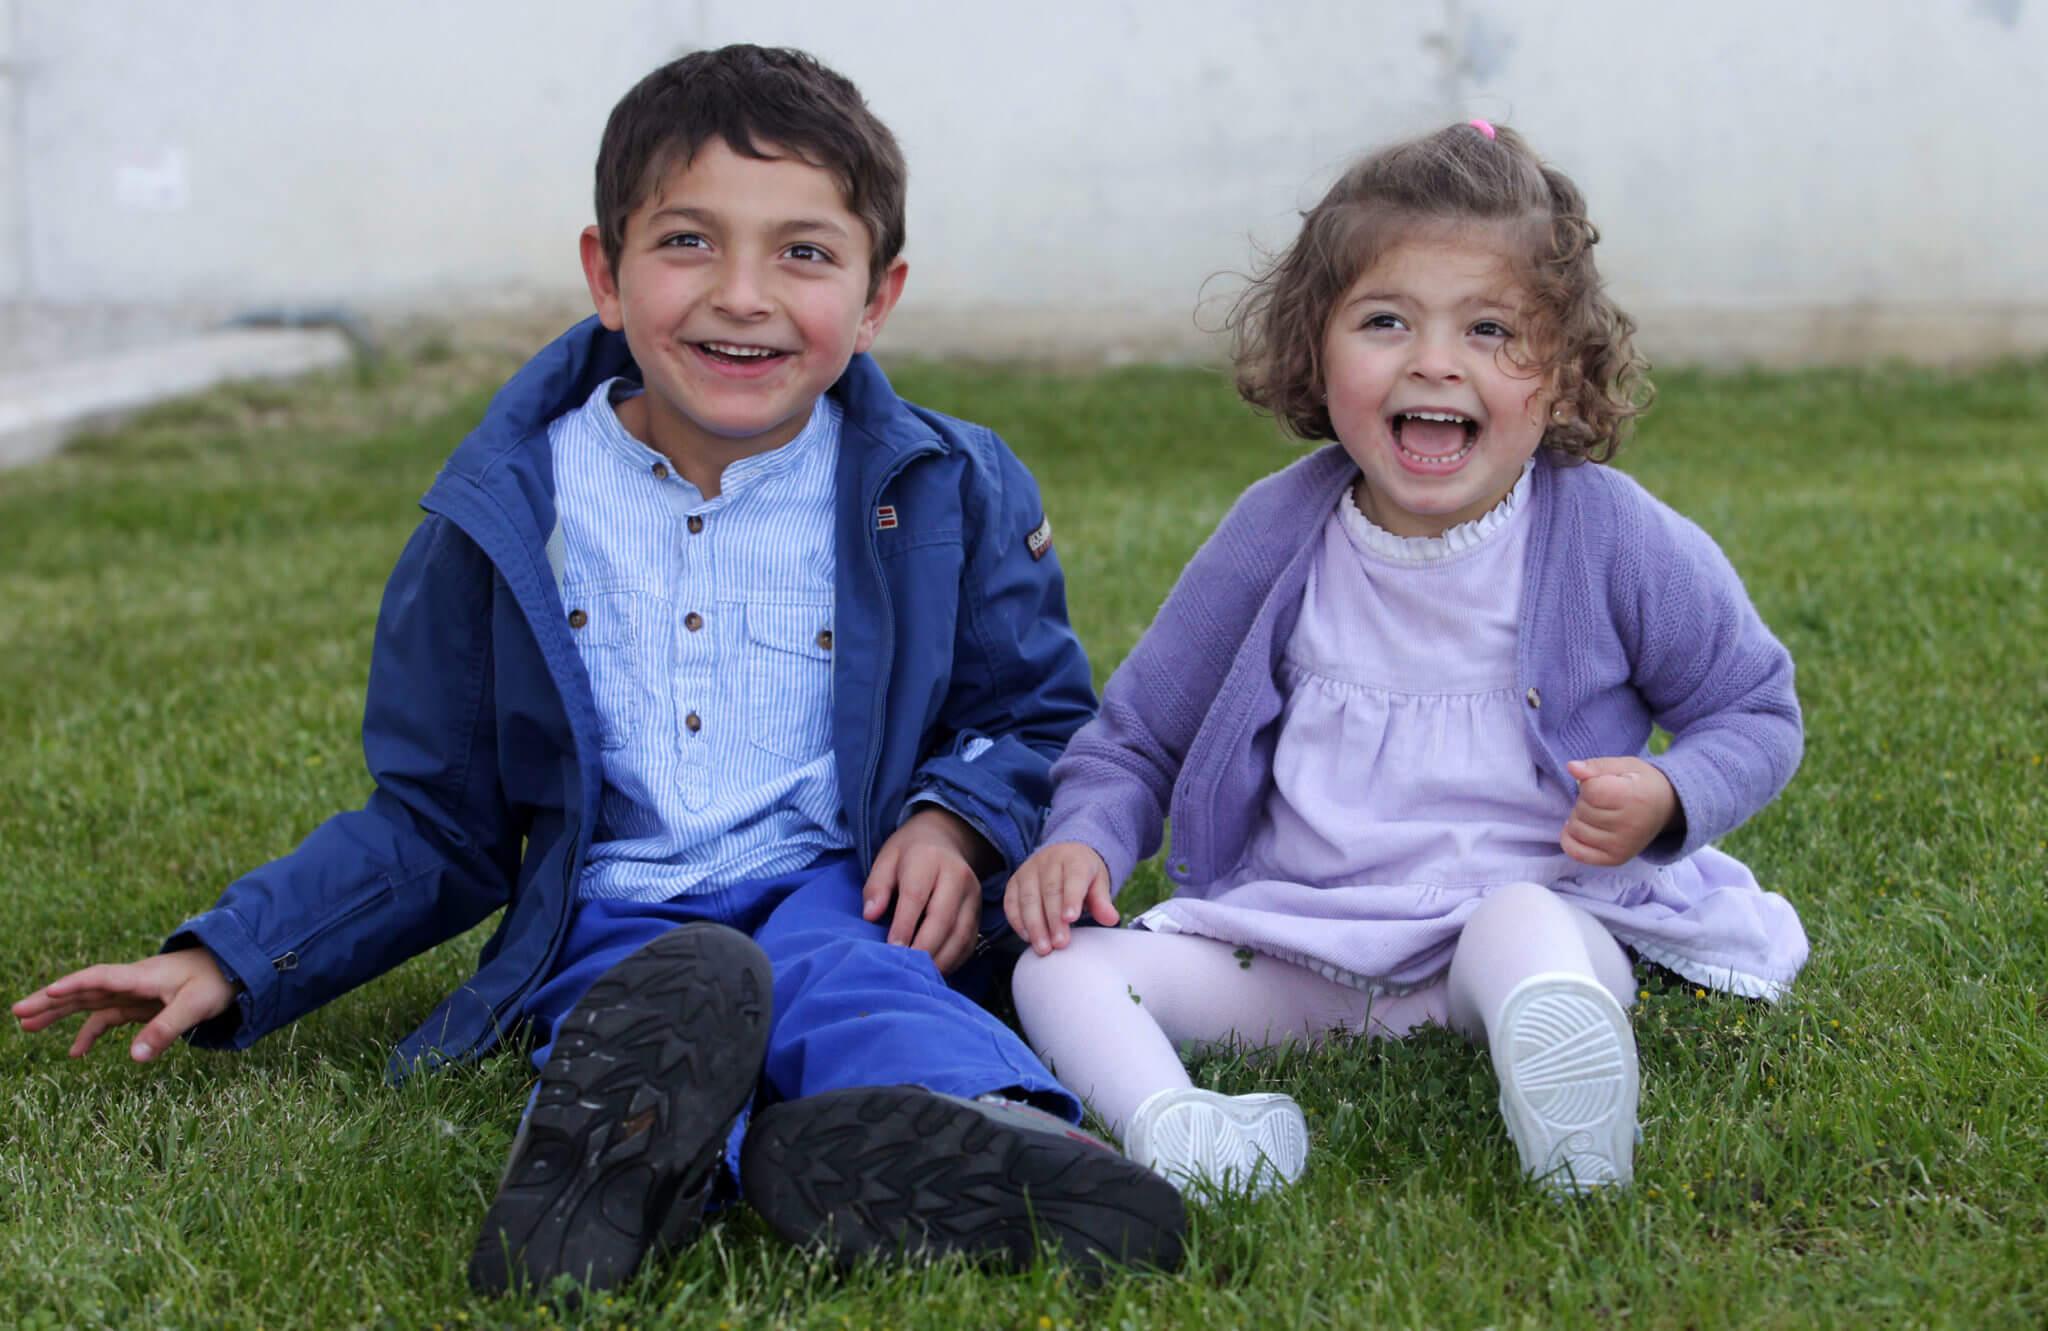 Amaia y Xabier_Teaming Cinfa Dos hermanos que padecen un retraso psicomotor. Avance, nuevas metas